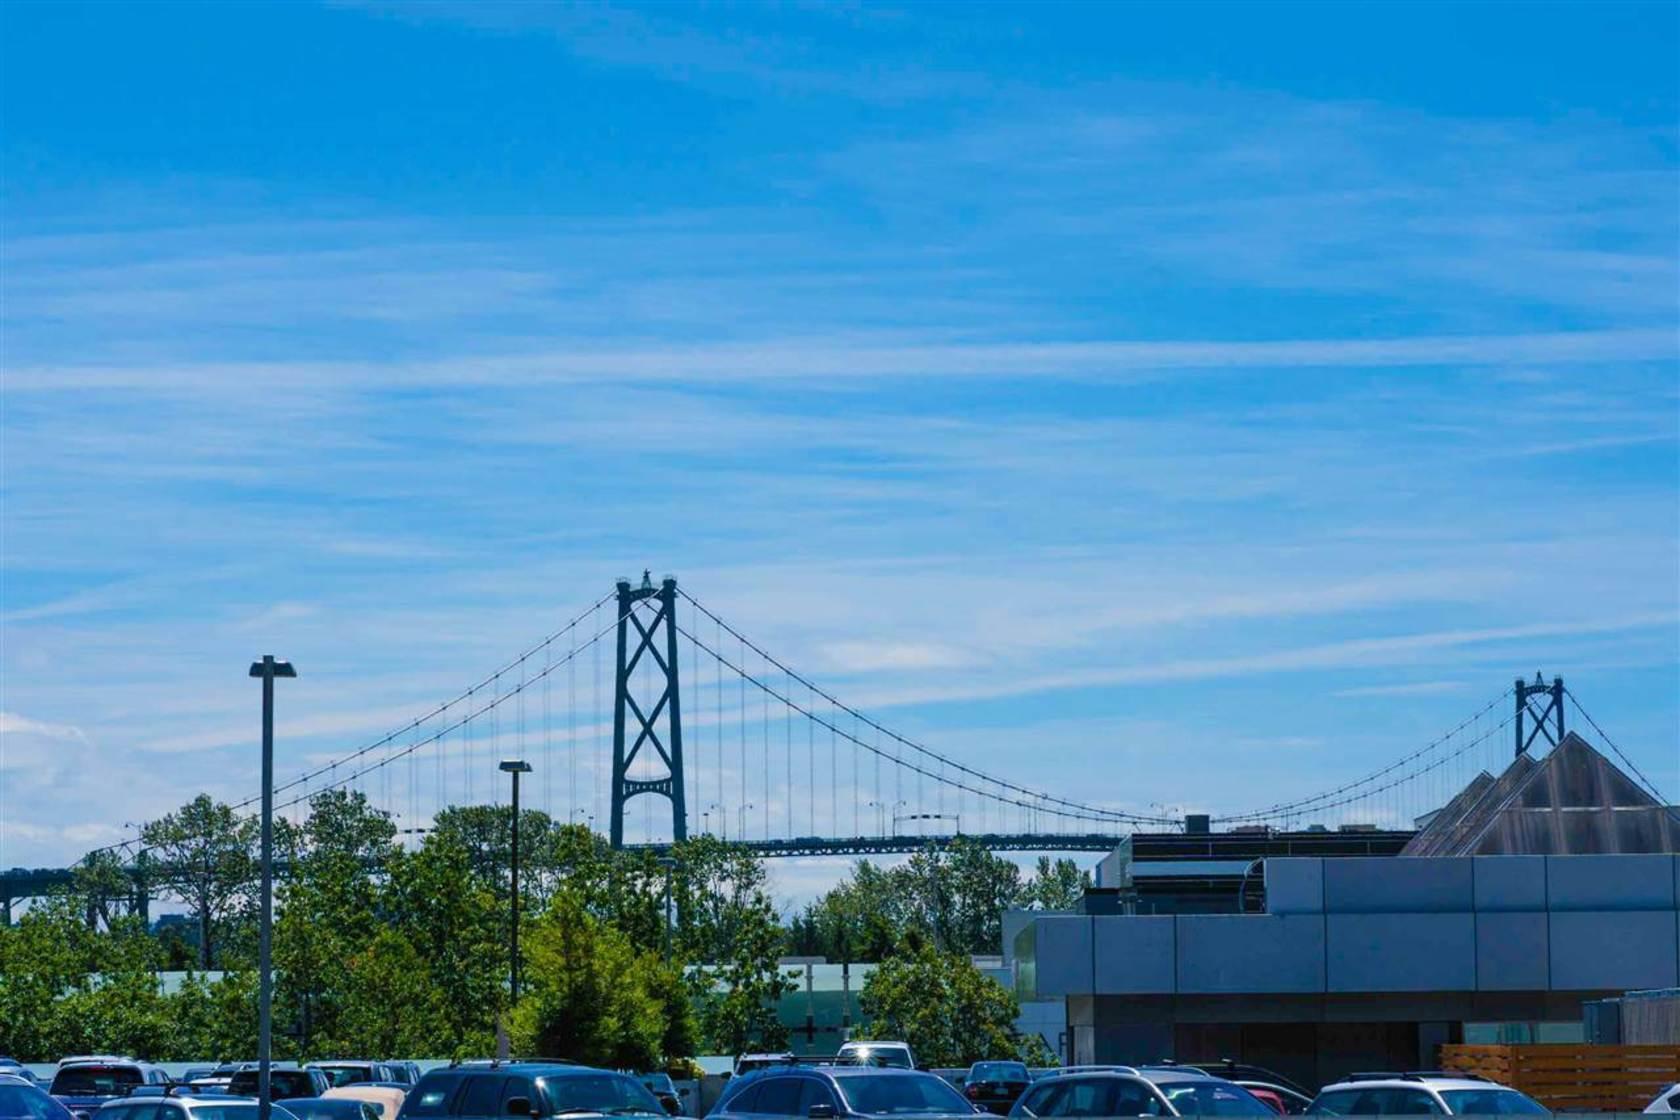 768-arthur-erickson-place-park-royal-west-vancouver-13 at 204 - 768 Arthur Erickson Place, Park Royal, West Vancouver